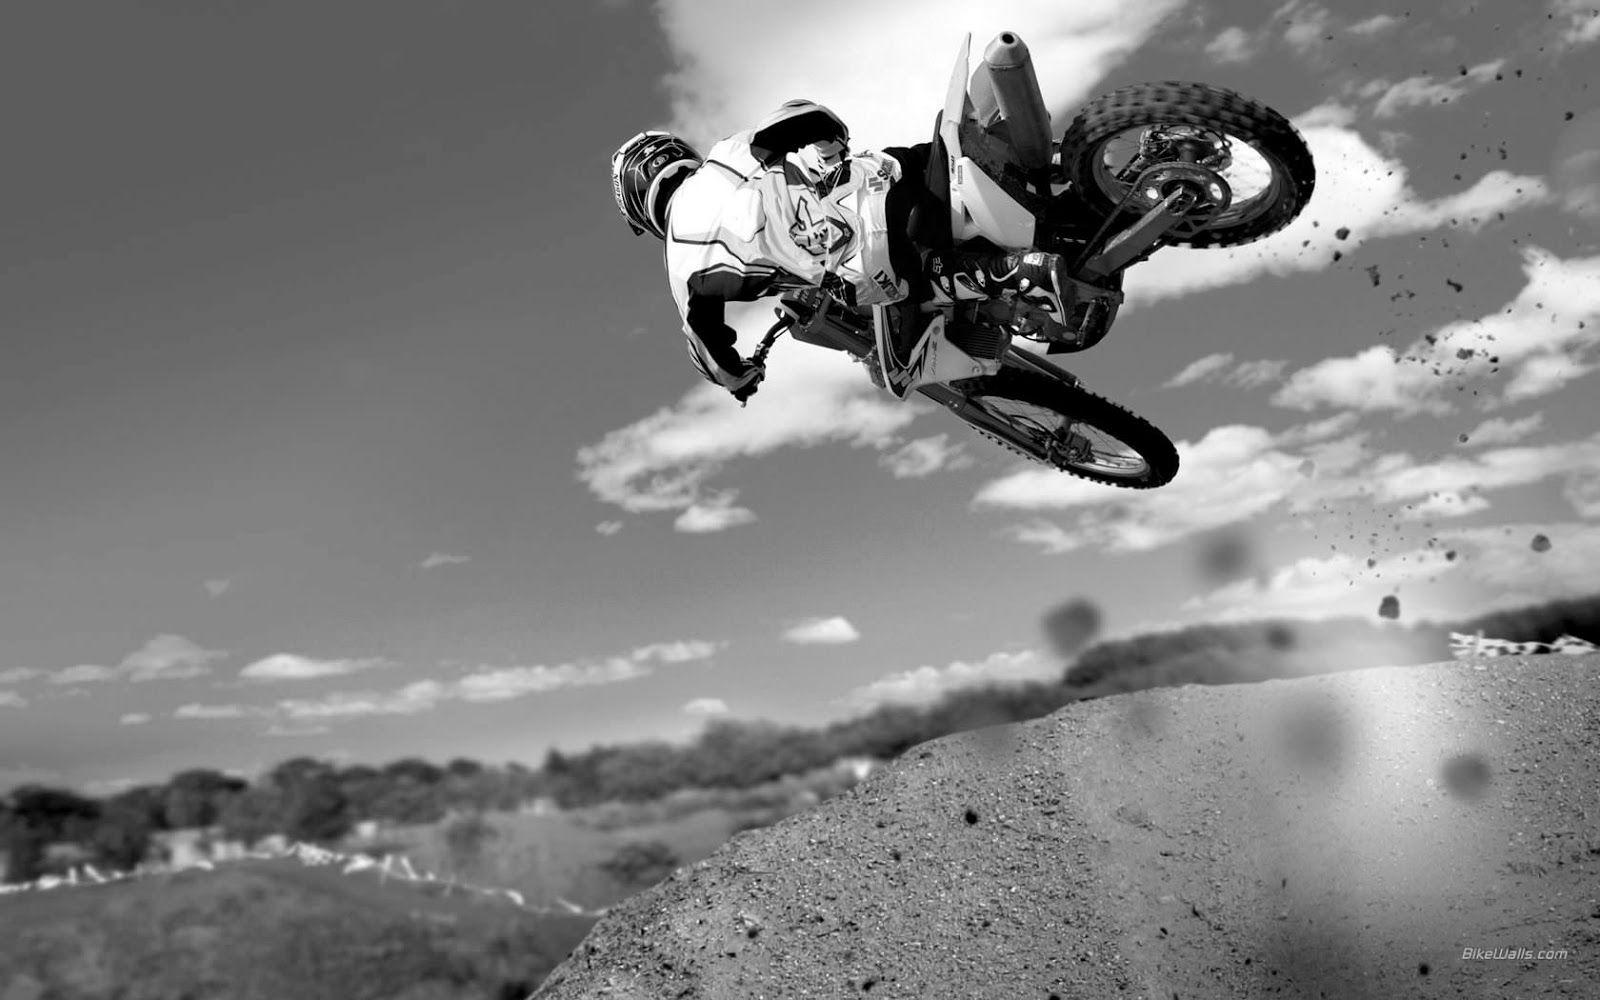 Dirt Bikes Black And White Wallpaper Motocross Baseball